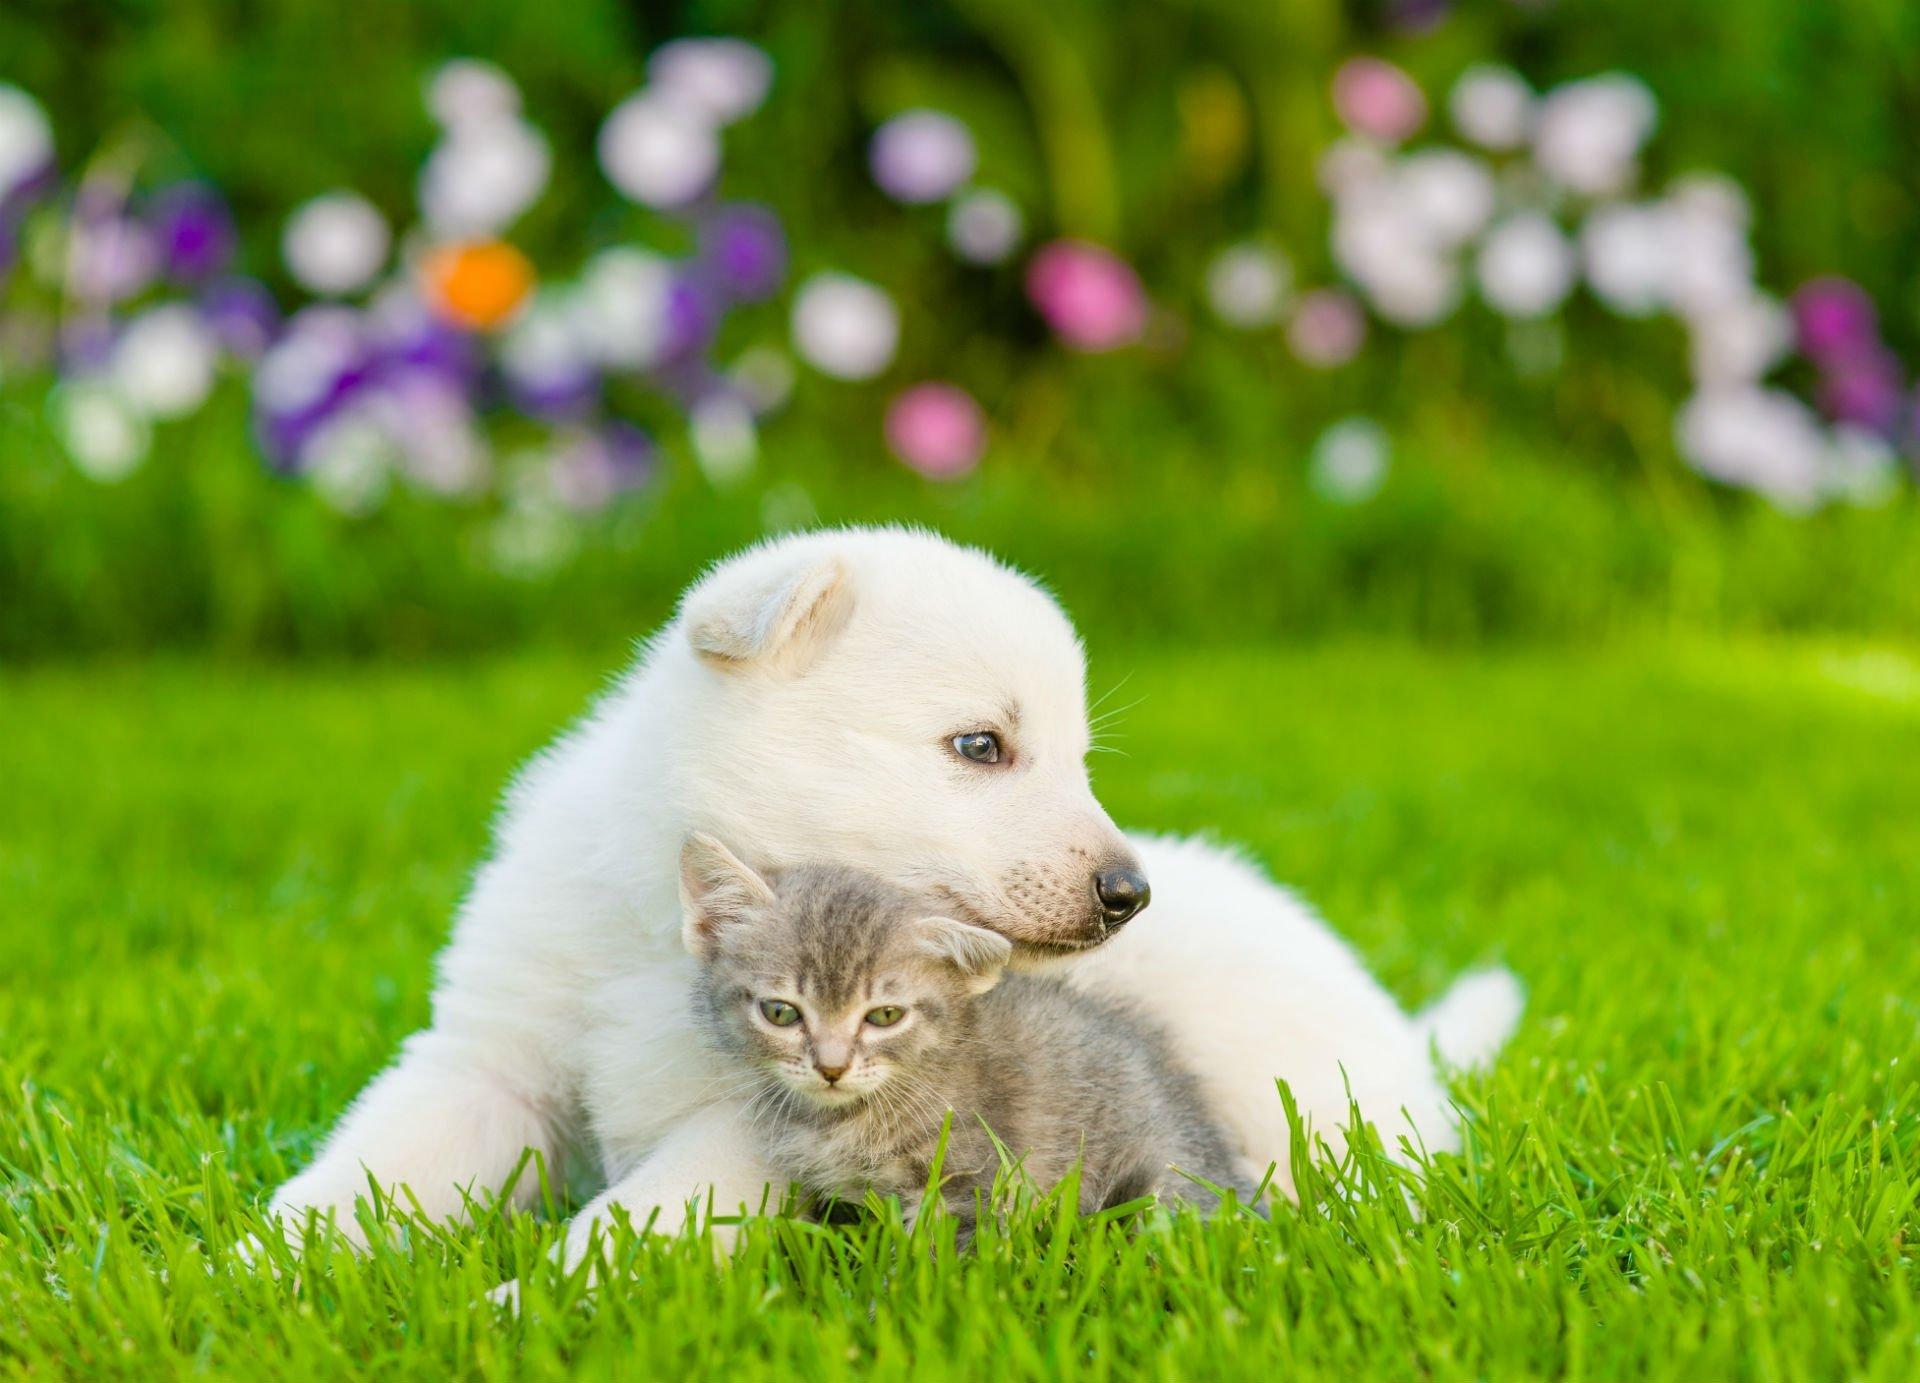 un cagnolino bianco vicino a un gattino grigio sdraiati su un prato